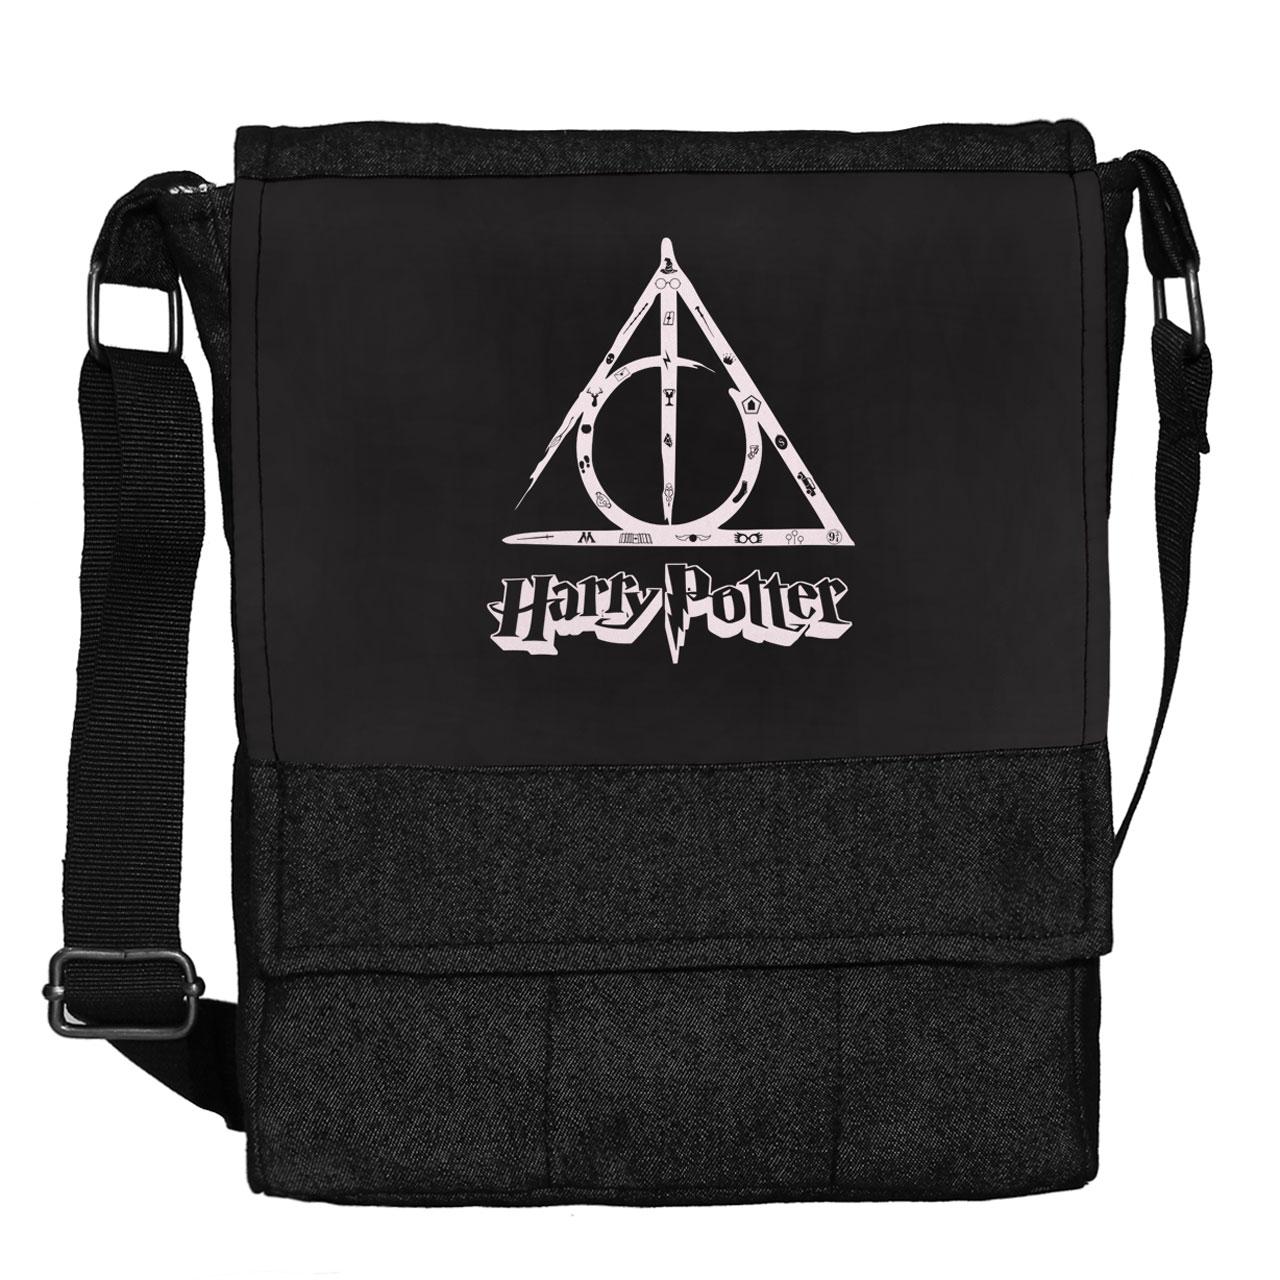 کیف دوشی گالری چی چاپ طرح Harry Potter کد 65692